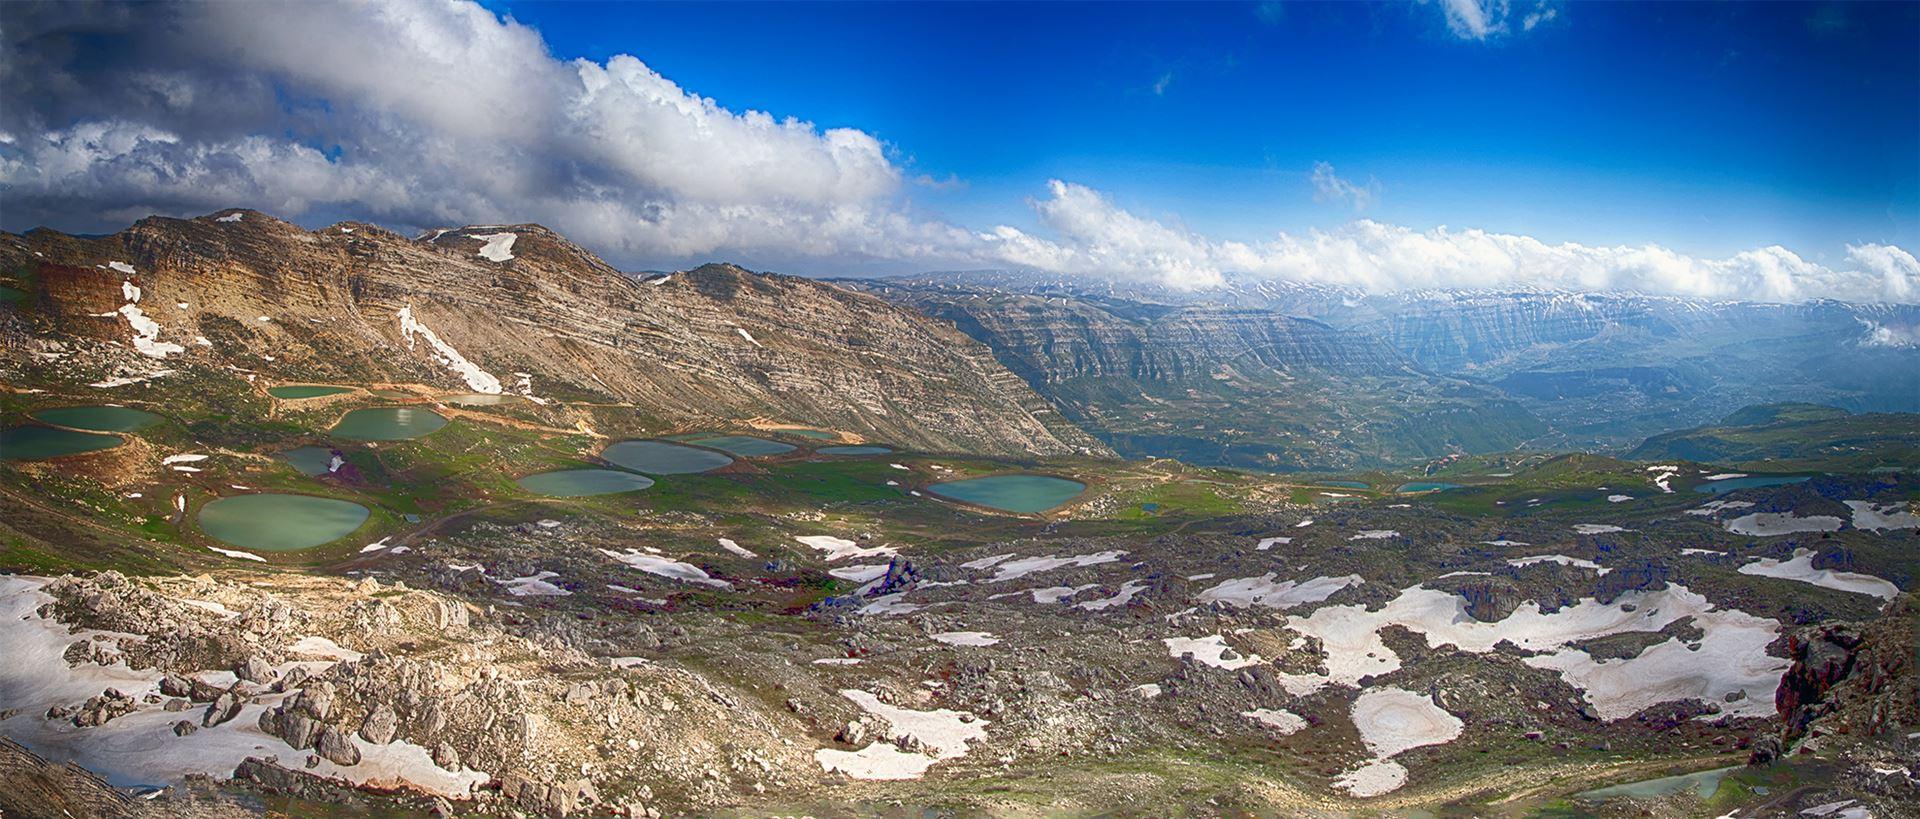 Akoura Lakes, Laqlouq, Mount Lebanon.jpg